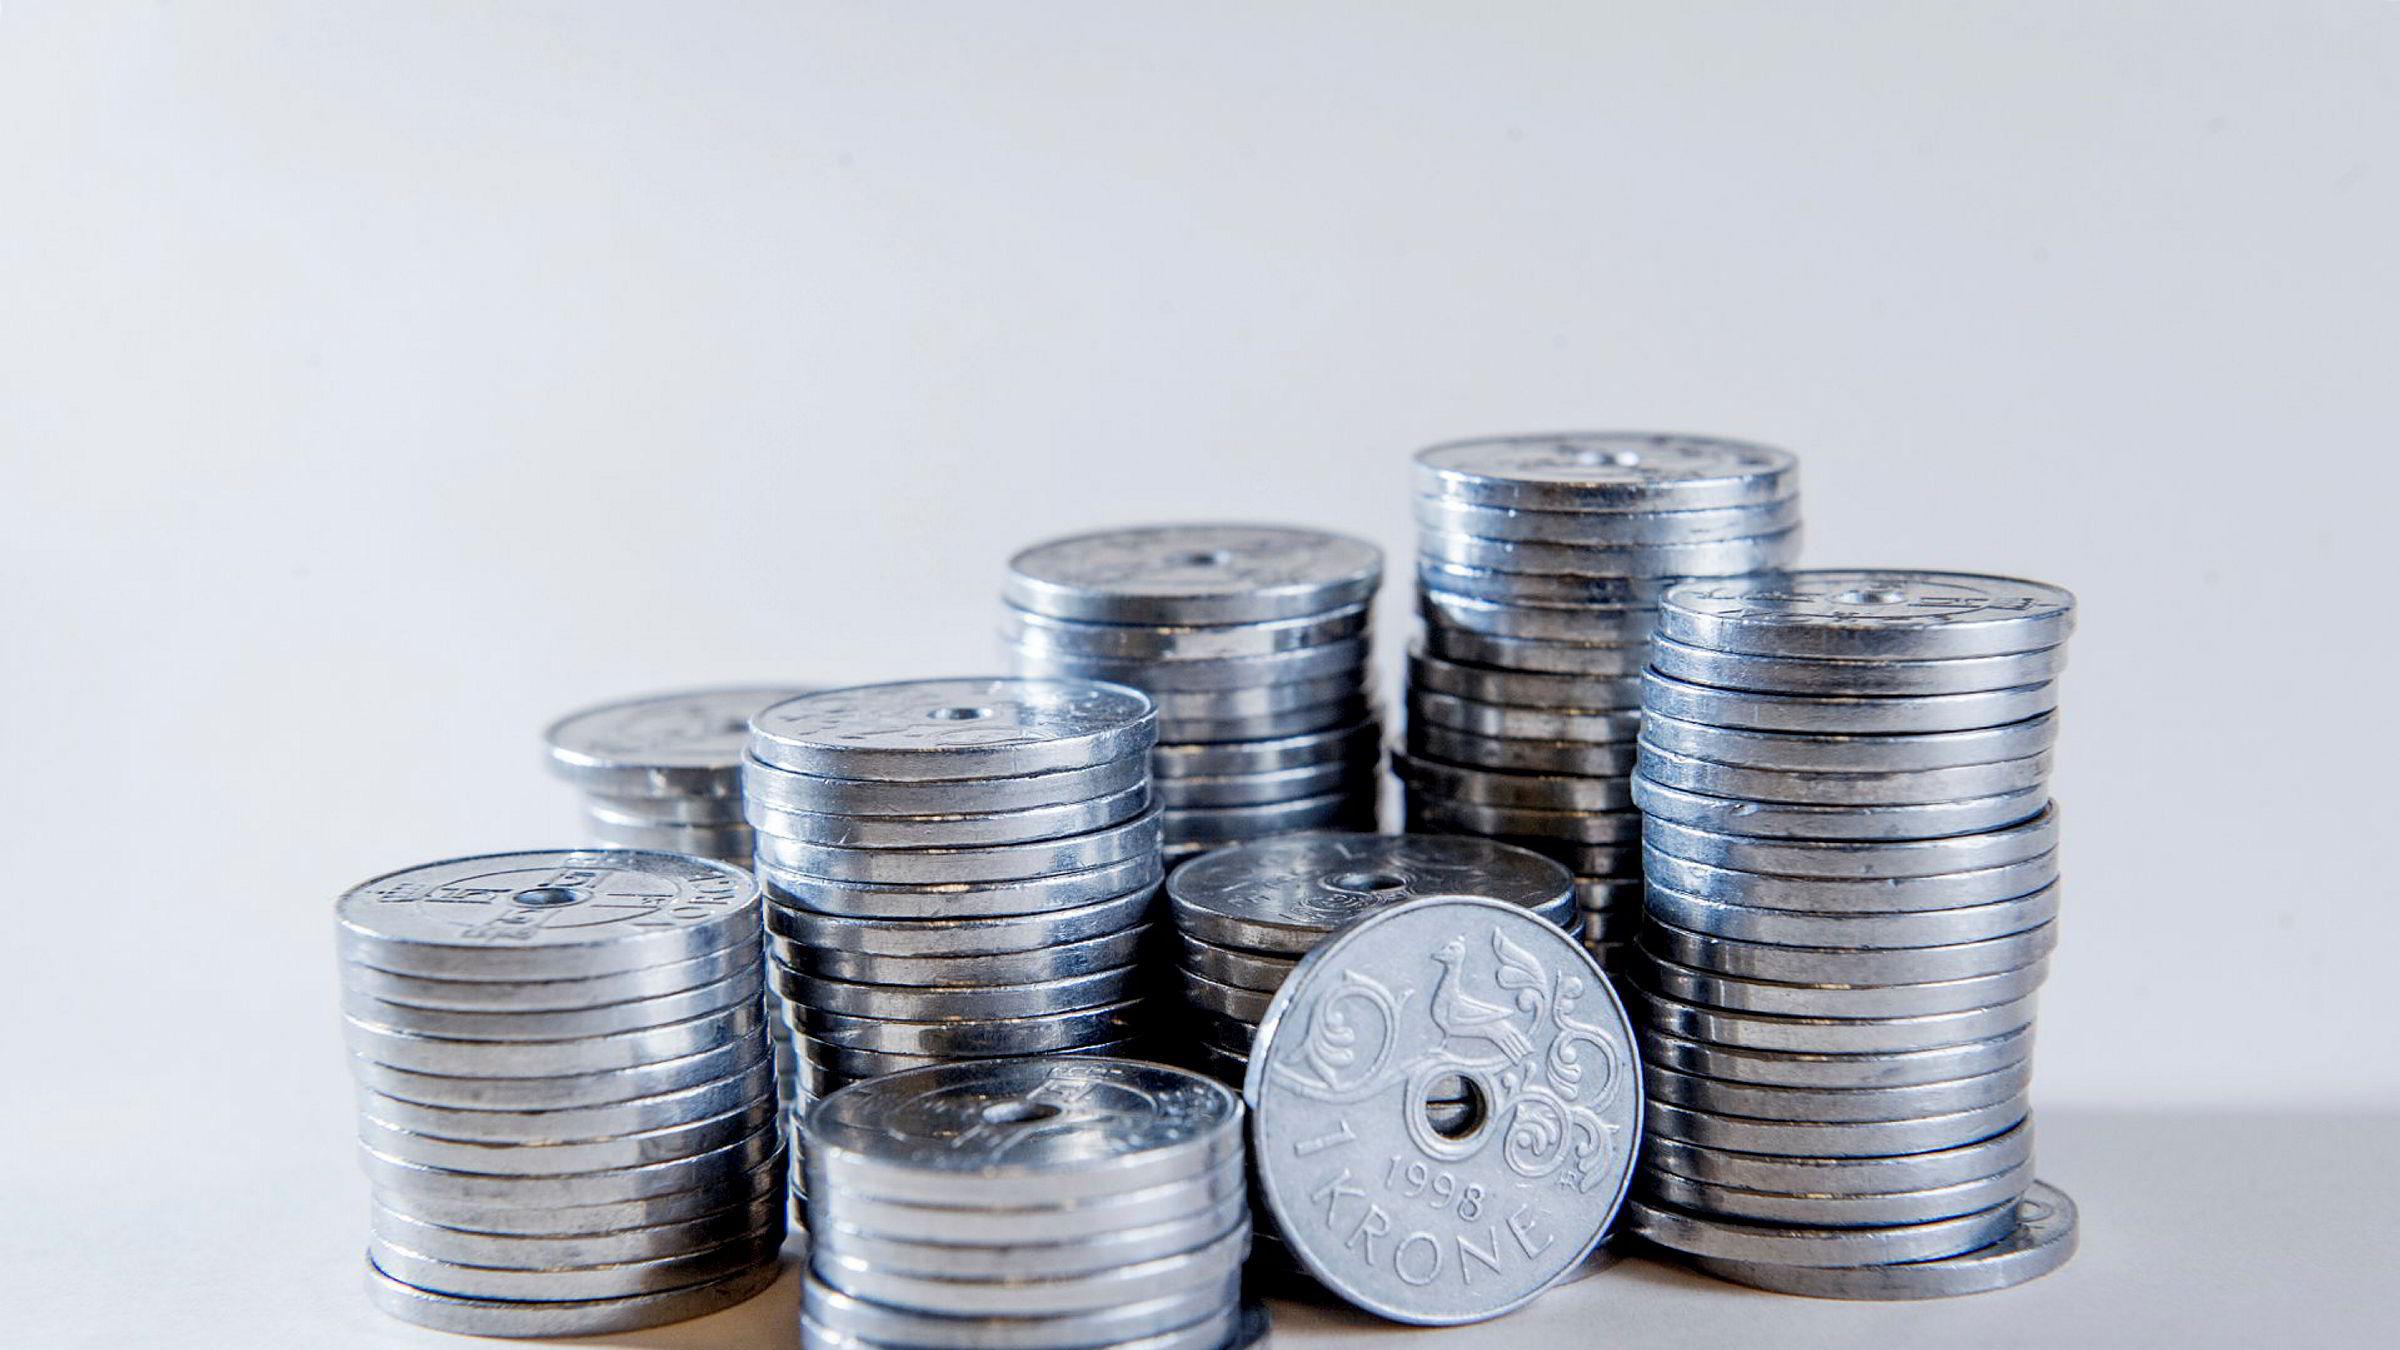 I Sverige har det i praksis vært mulig for virksomheter å si nei til kontanter siden 1980-tallet. Kontantandelen er høyere der enn i Norge, skriver Ivar Horneland Kristensen.